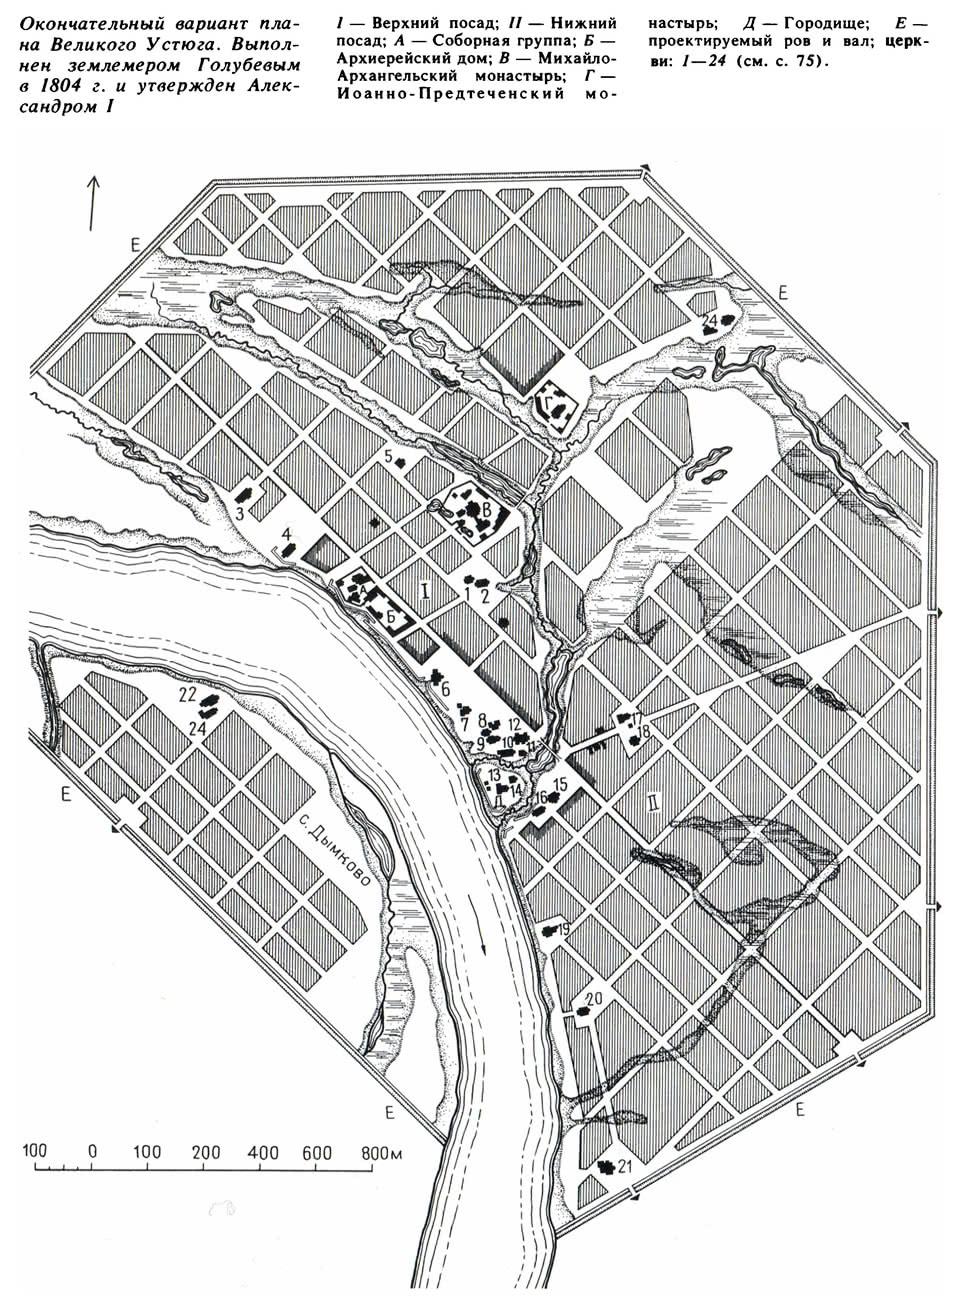 Окончательный вариант плана Великого Устюга. 1804 г.